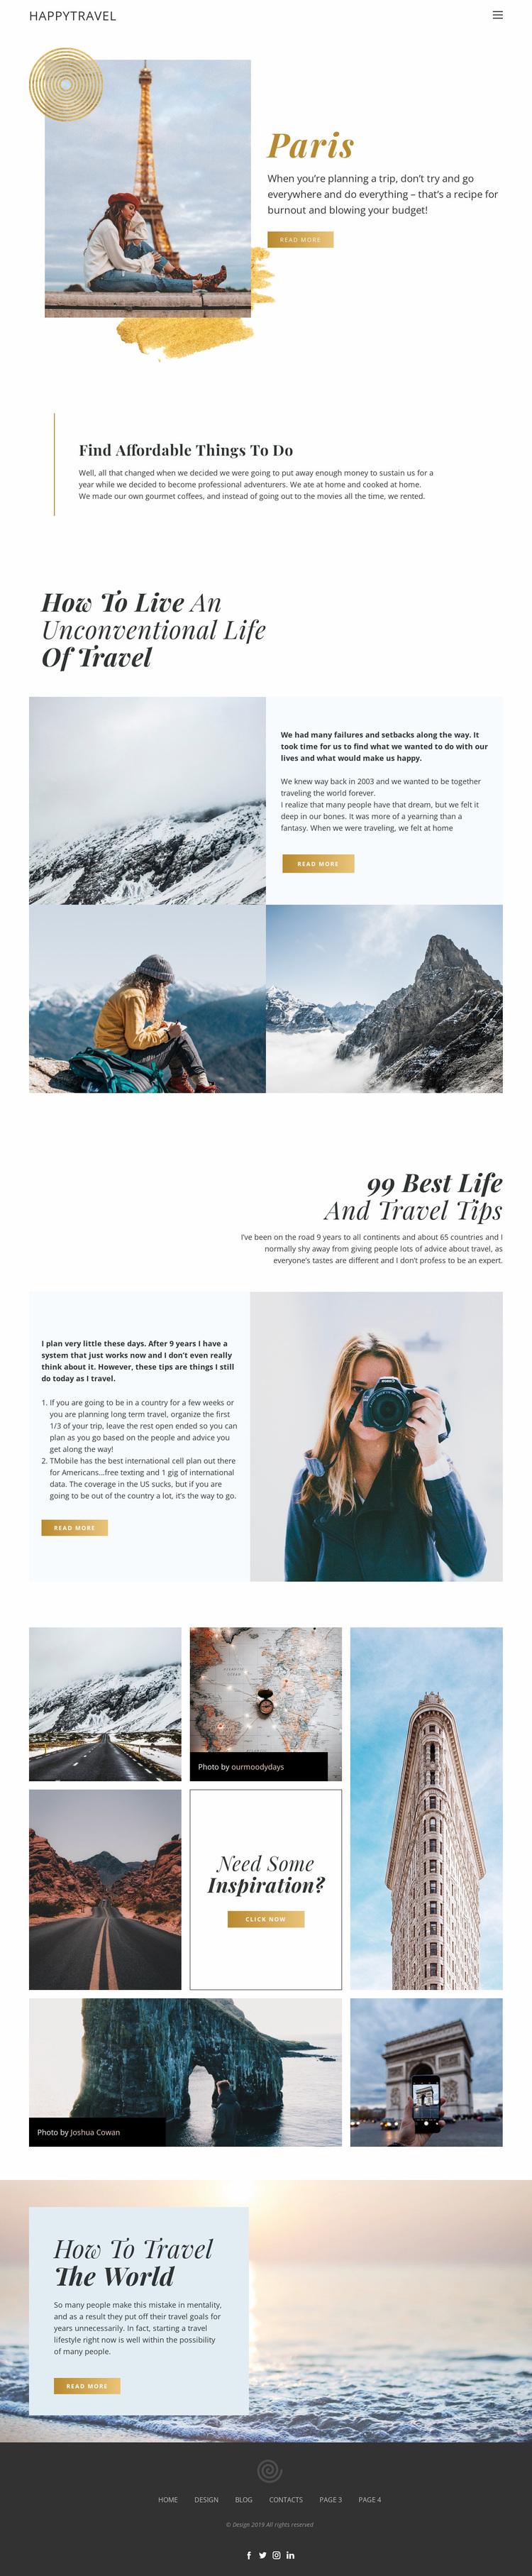 Travel Live Website Design